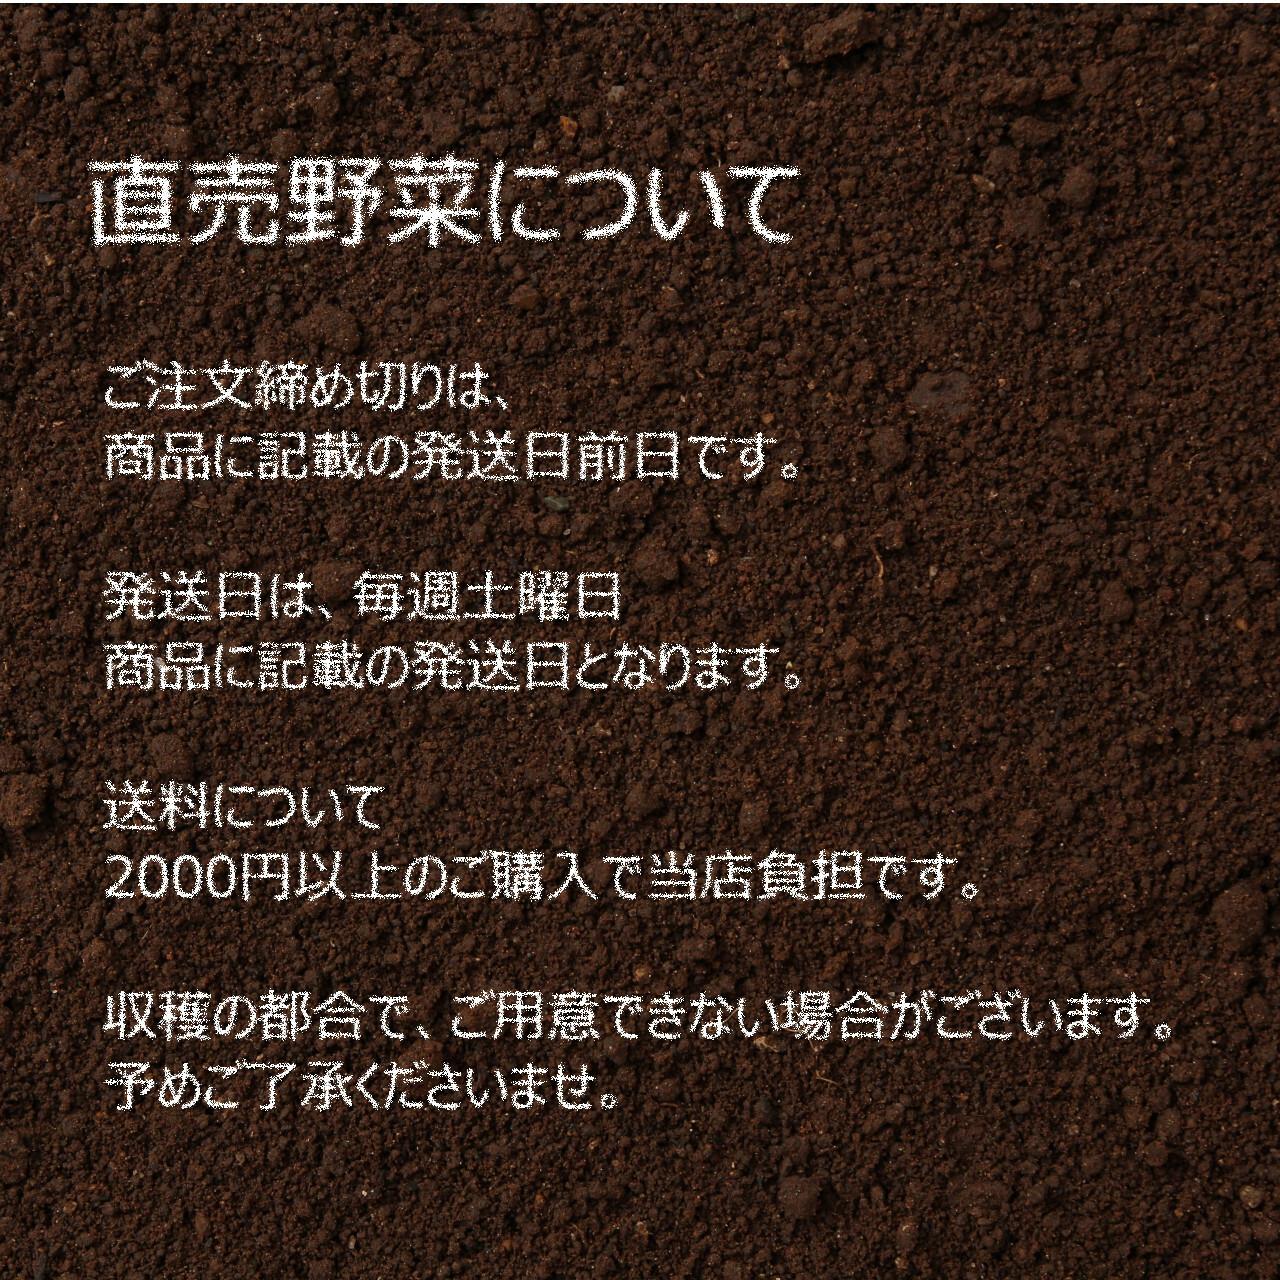 トマト 約 2~3個 : 6月の朝採り直売野菜 春の新鮮野菜 6月20日発送予定